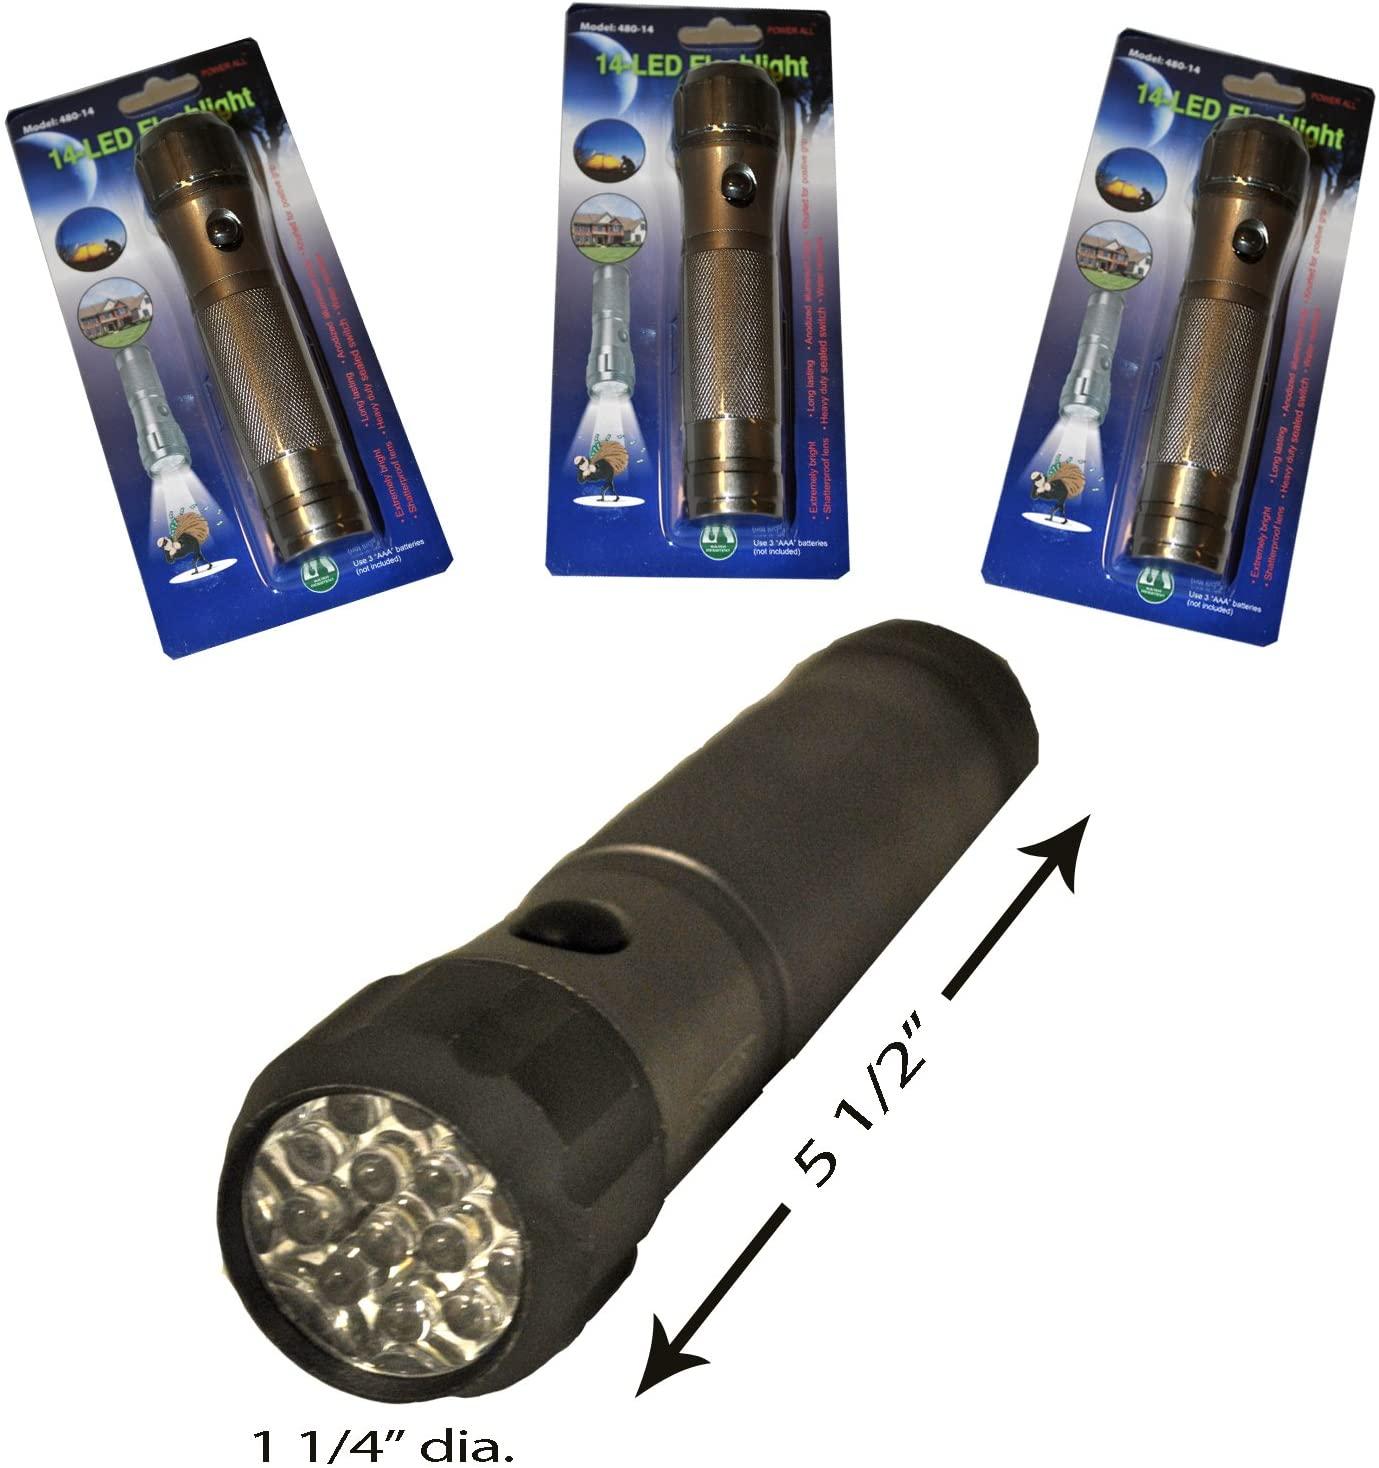 Generic 190966 Water Resistant Aluminum Super Bright 14 LED Flashlight